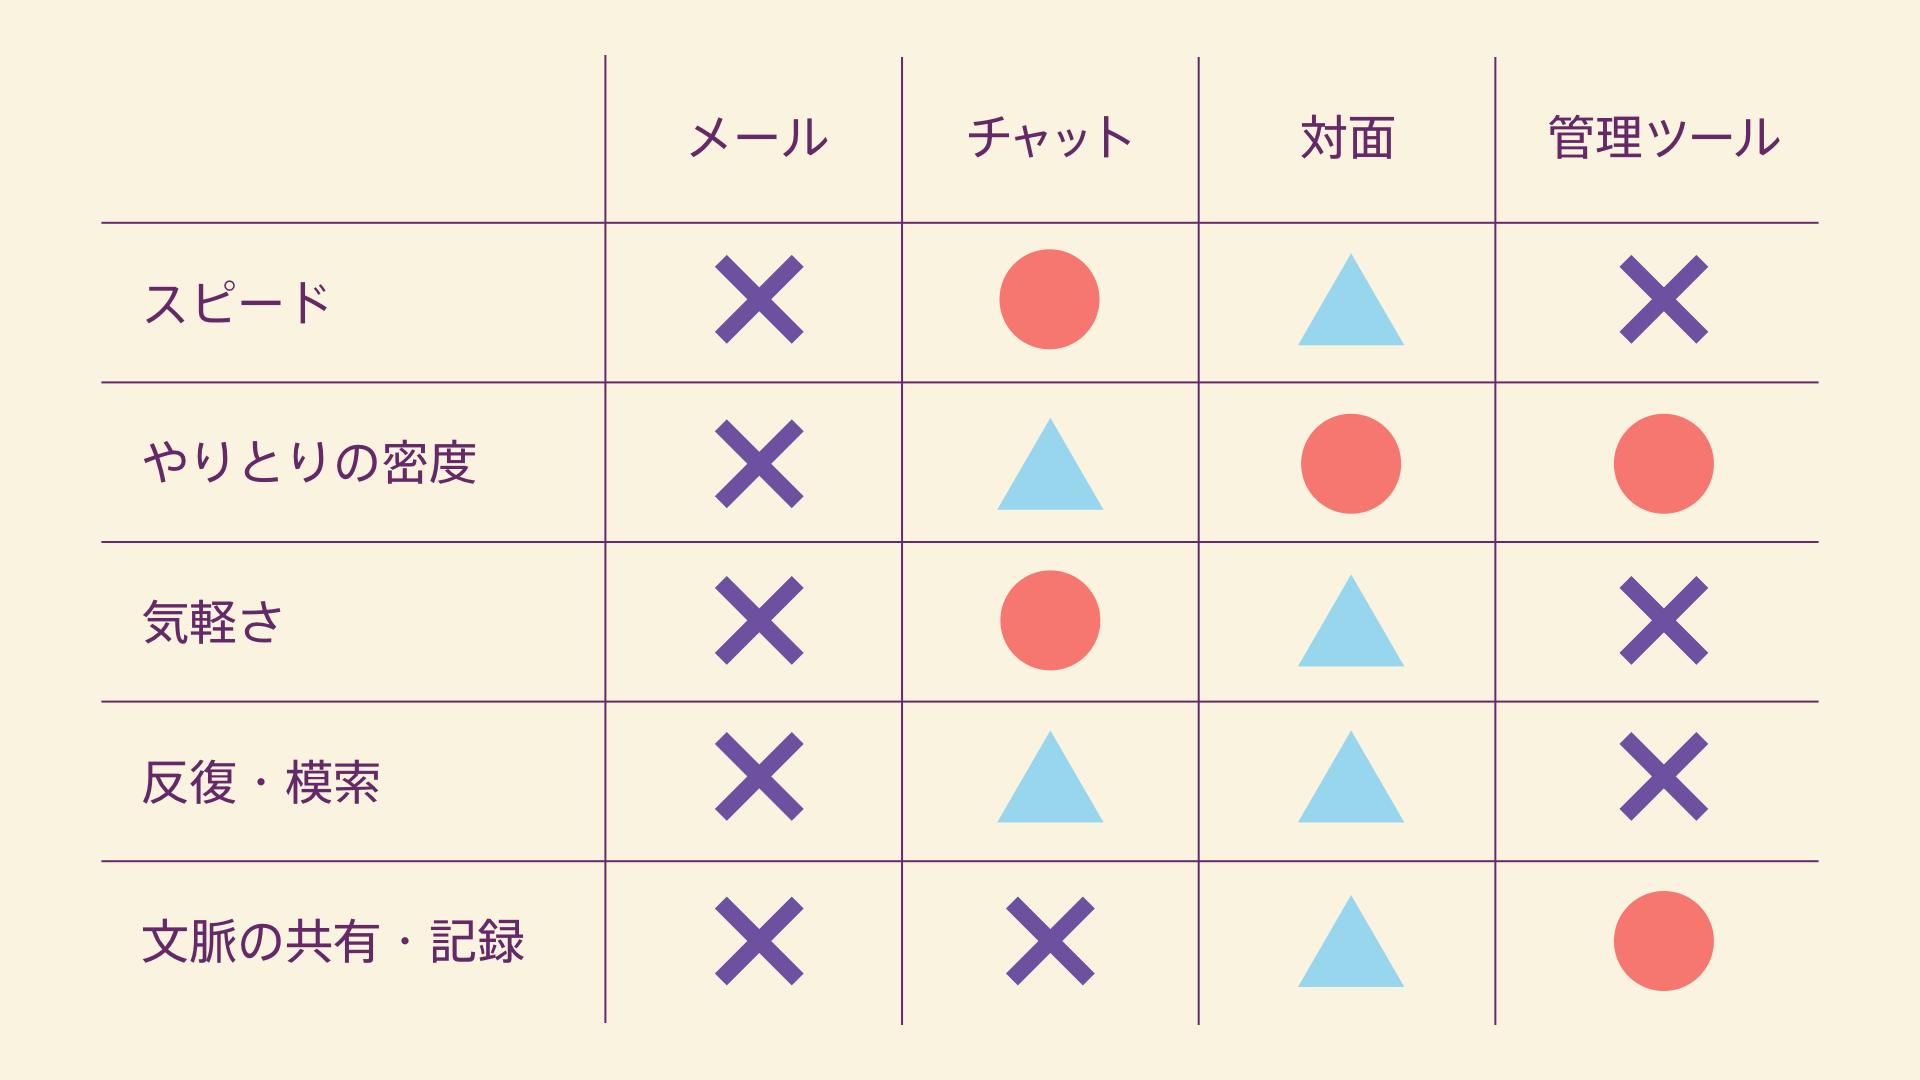 デザインフィードバックする手段の比較表